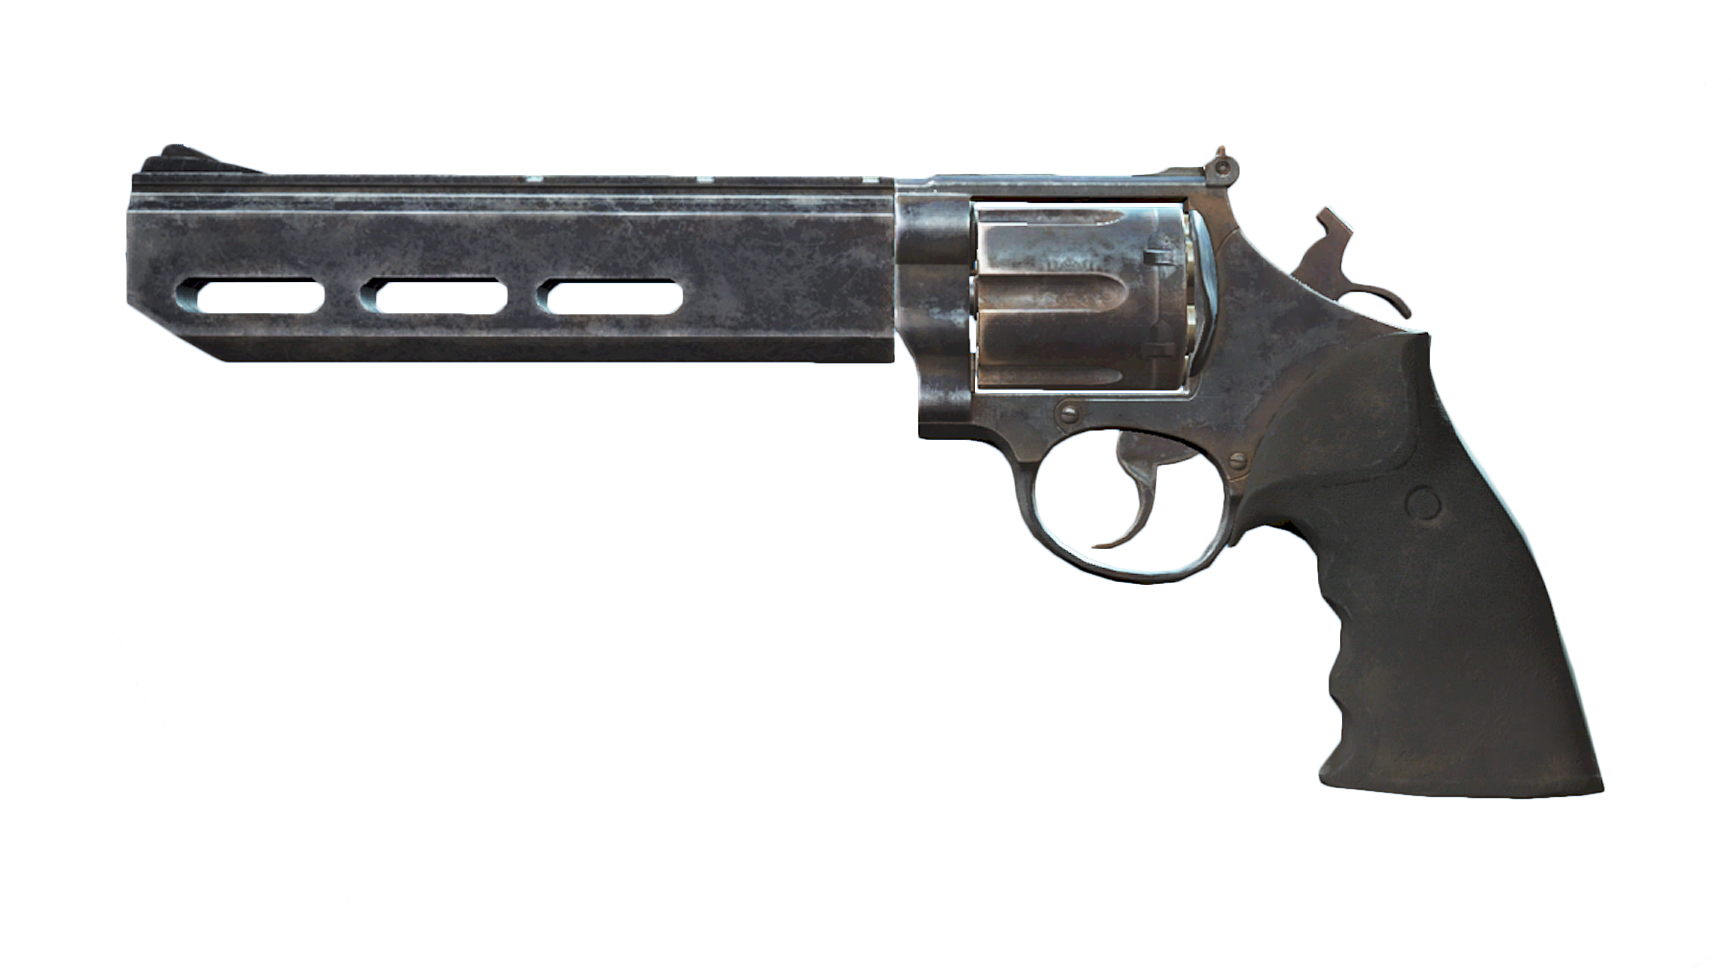 kellogg u0026 39 s pistol